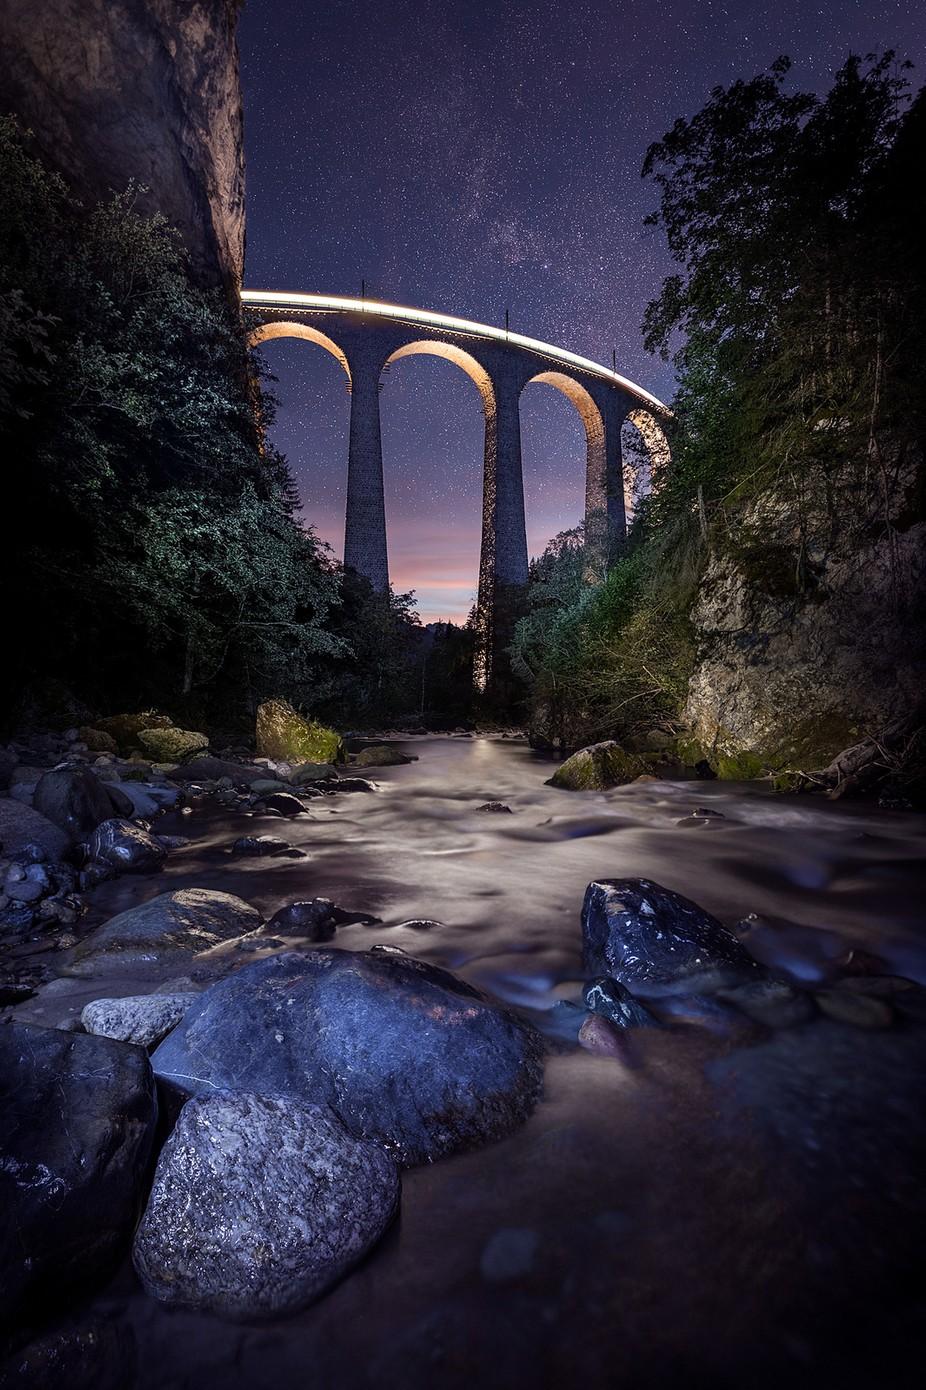 Landwasserviadukt by Axel-Jusseit - Night Wonders Photo Contest